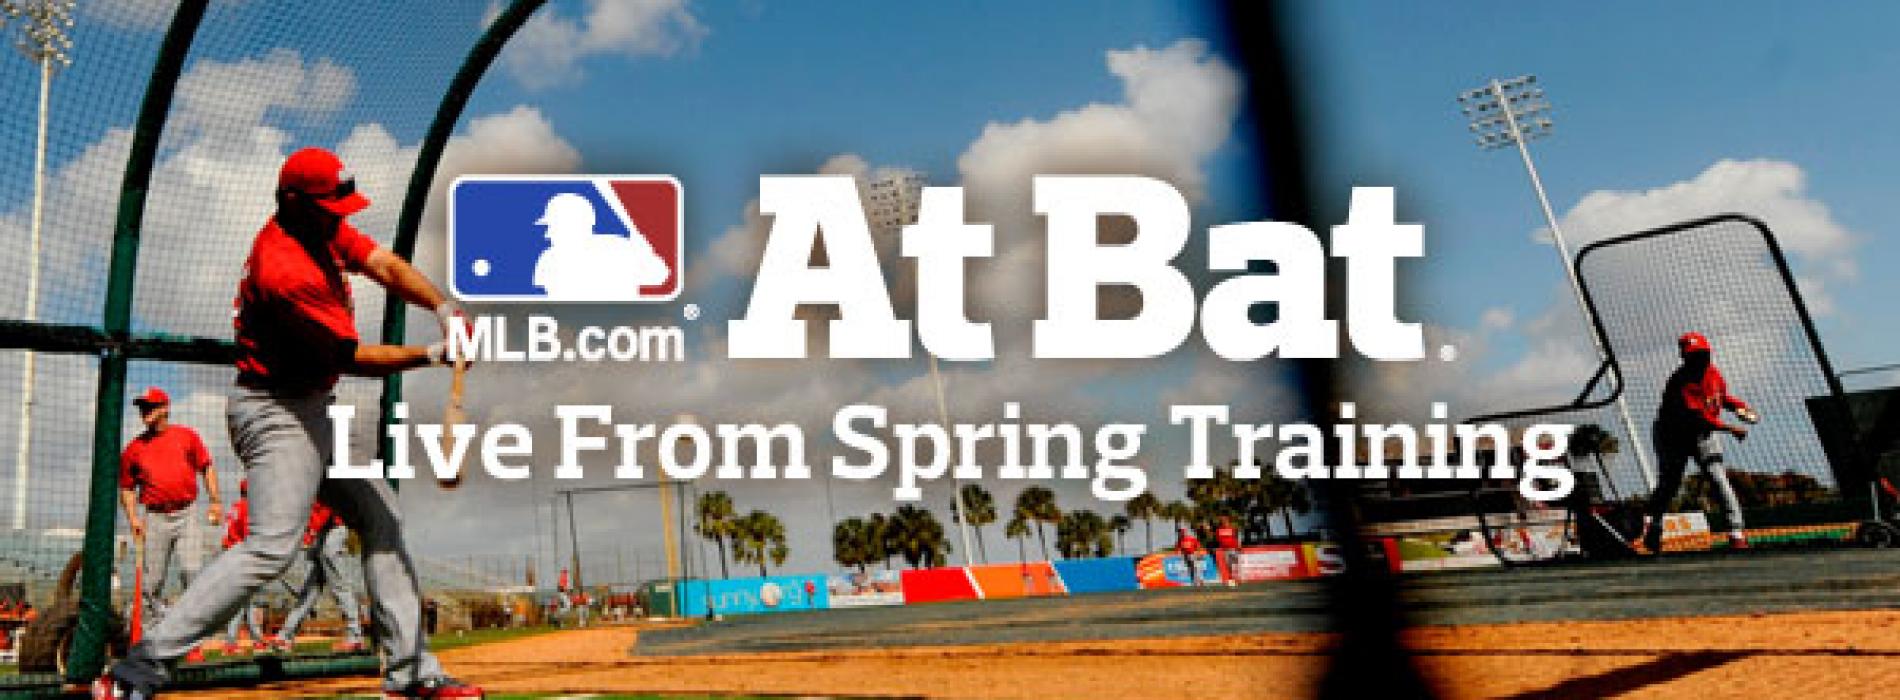 MLB.com At Bat updated for 2014 season